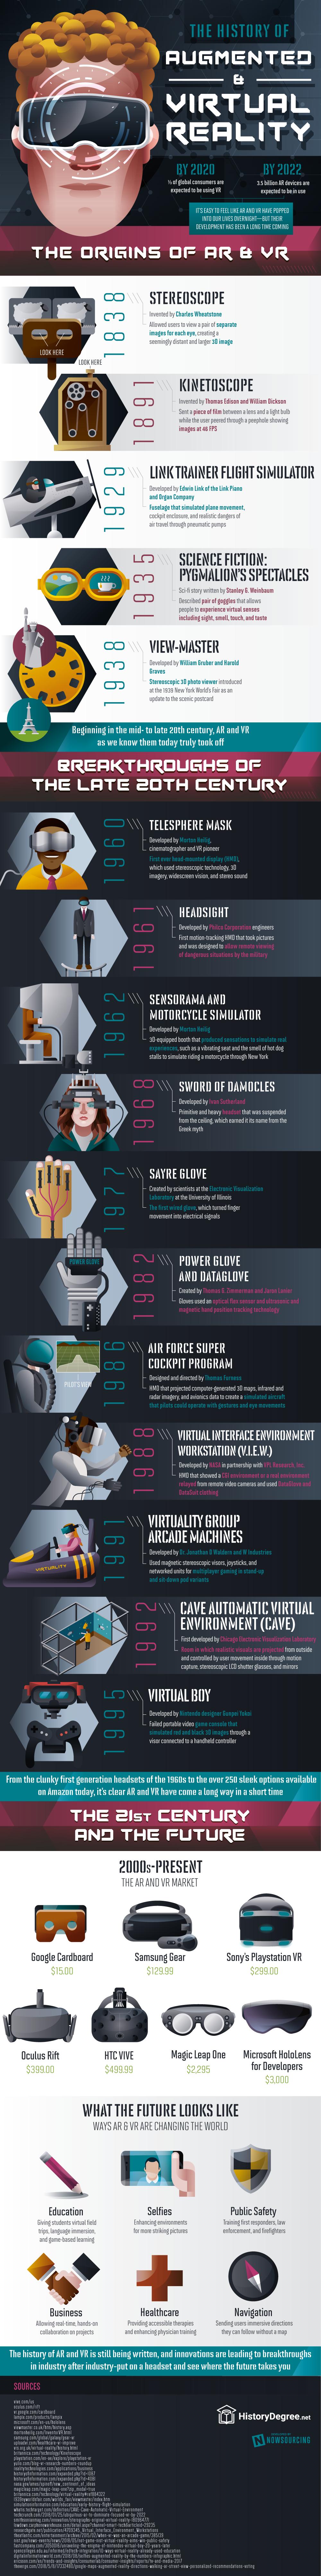 La historia de la realidad virtual y aumentada, conoce sus verdaderos orígenes